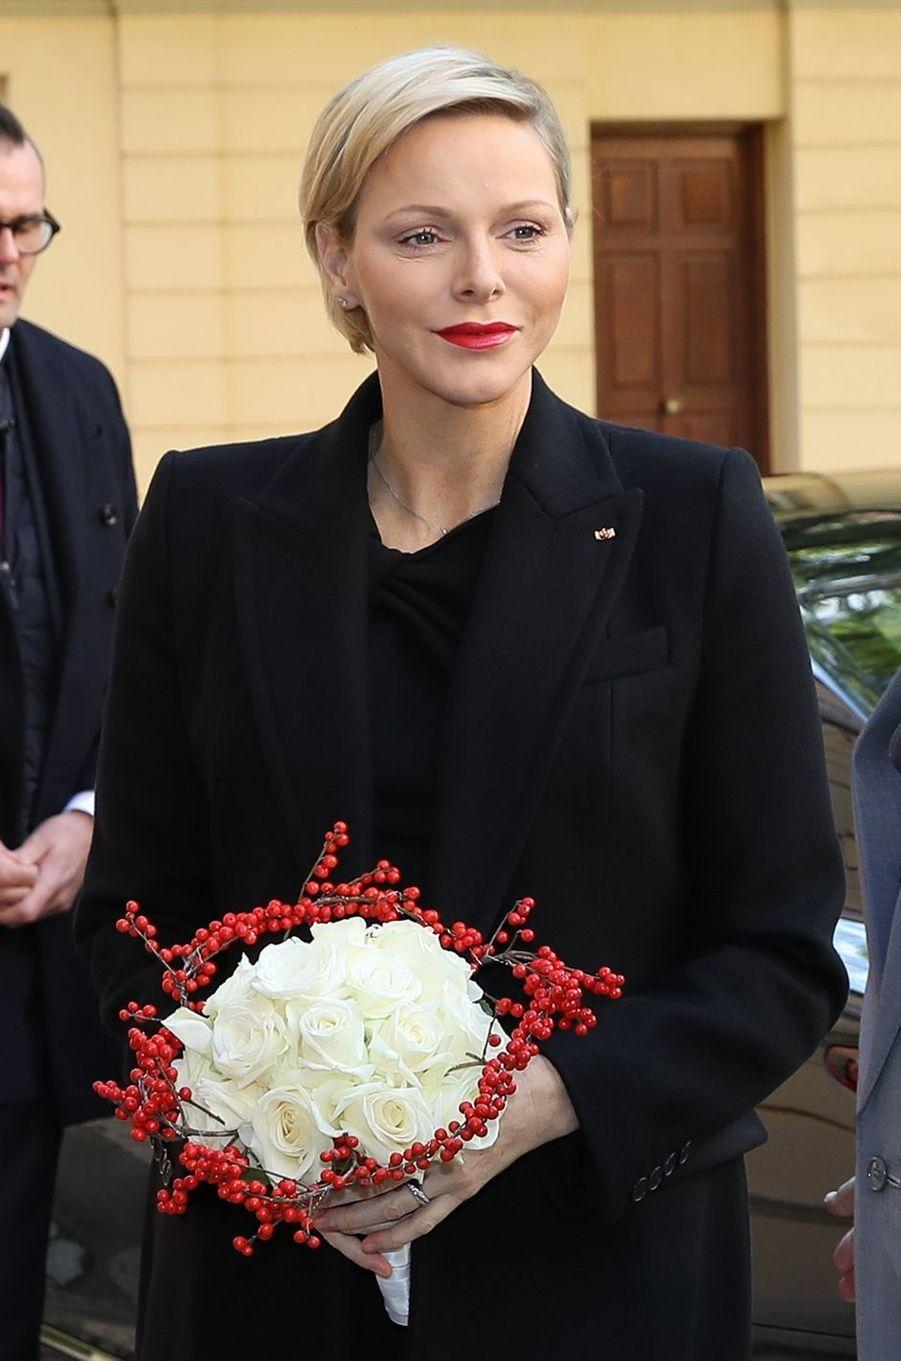 La princesse Charlène de Monaco, vêtue de noir, à Monaco, le 17 novembre 2018